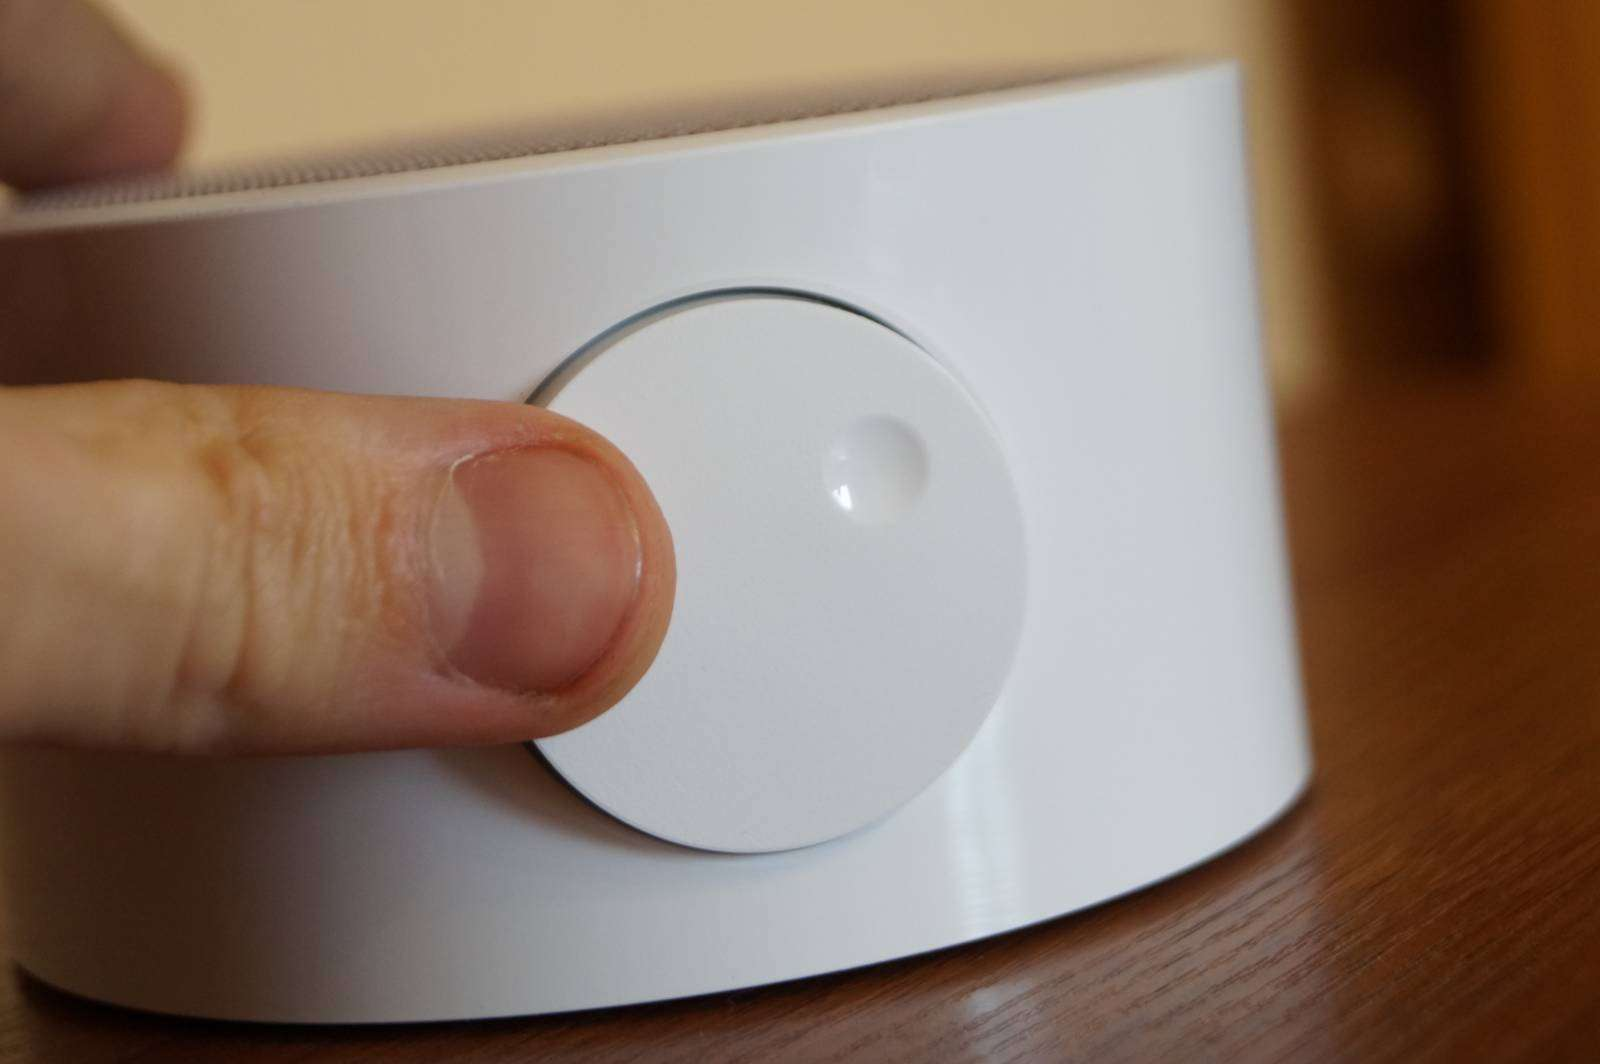 Другие - Китай: Колонка-будильник Xiaomi Mi Music Alarm Clock